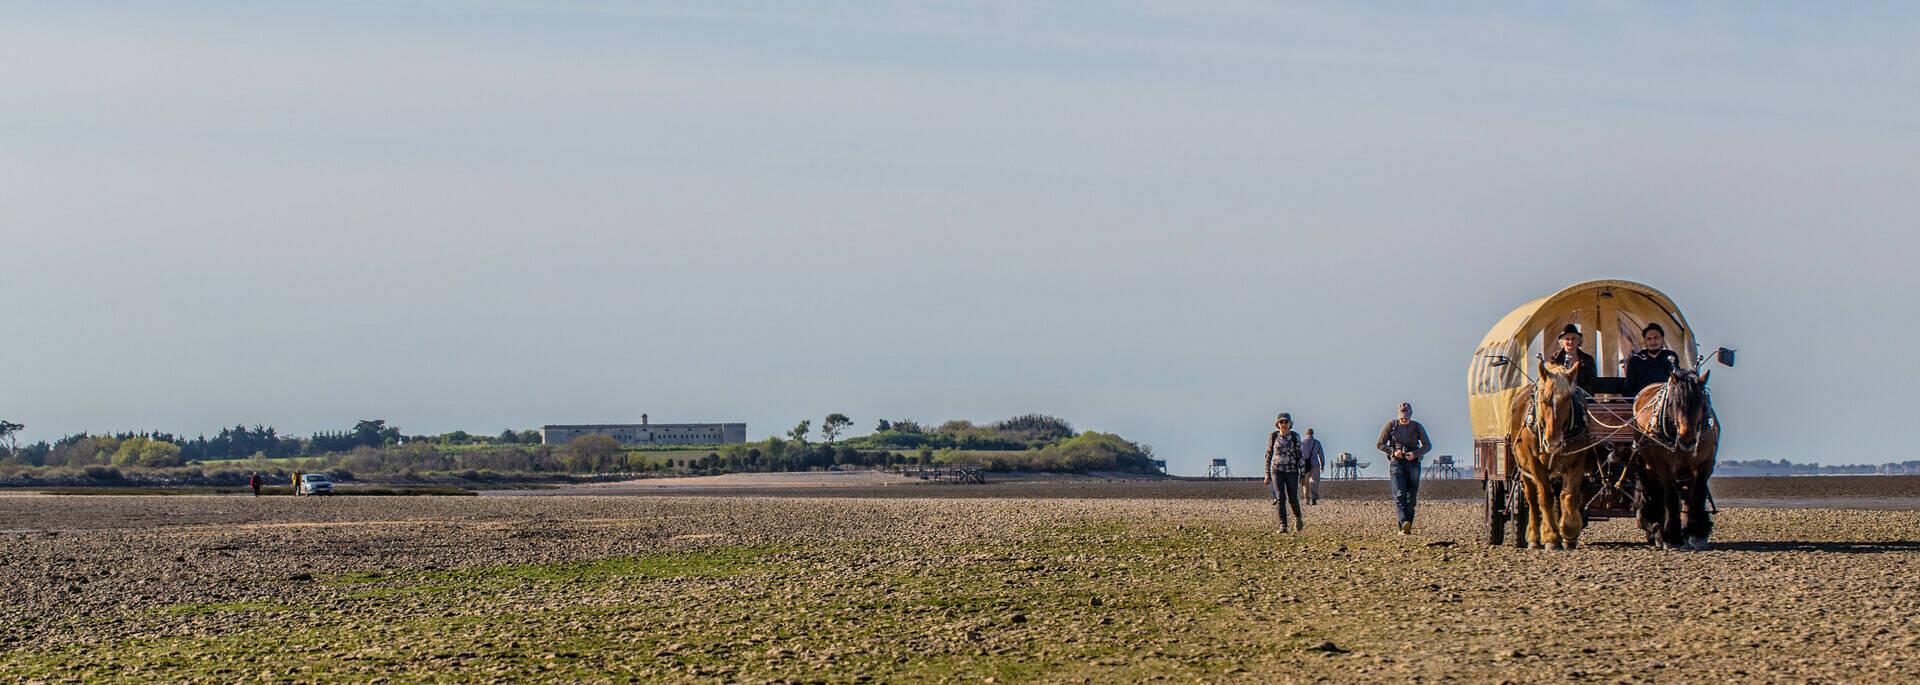 Tour de l'île Madame avec les Calèches de Madame - © Images & Emotion